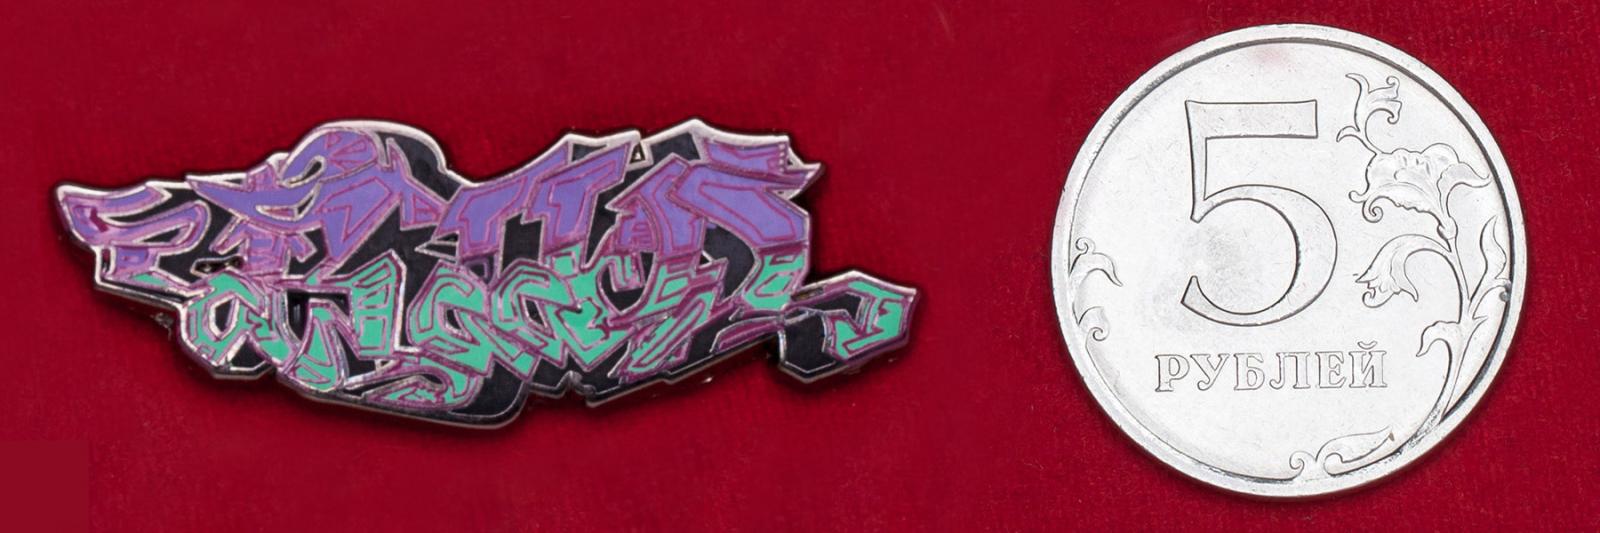 Стильный значок для фанатов граффити и стрит-арта